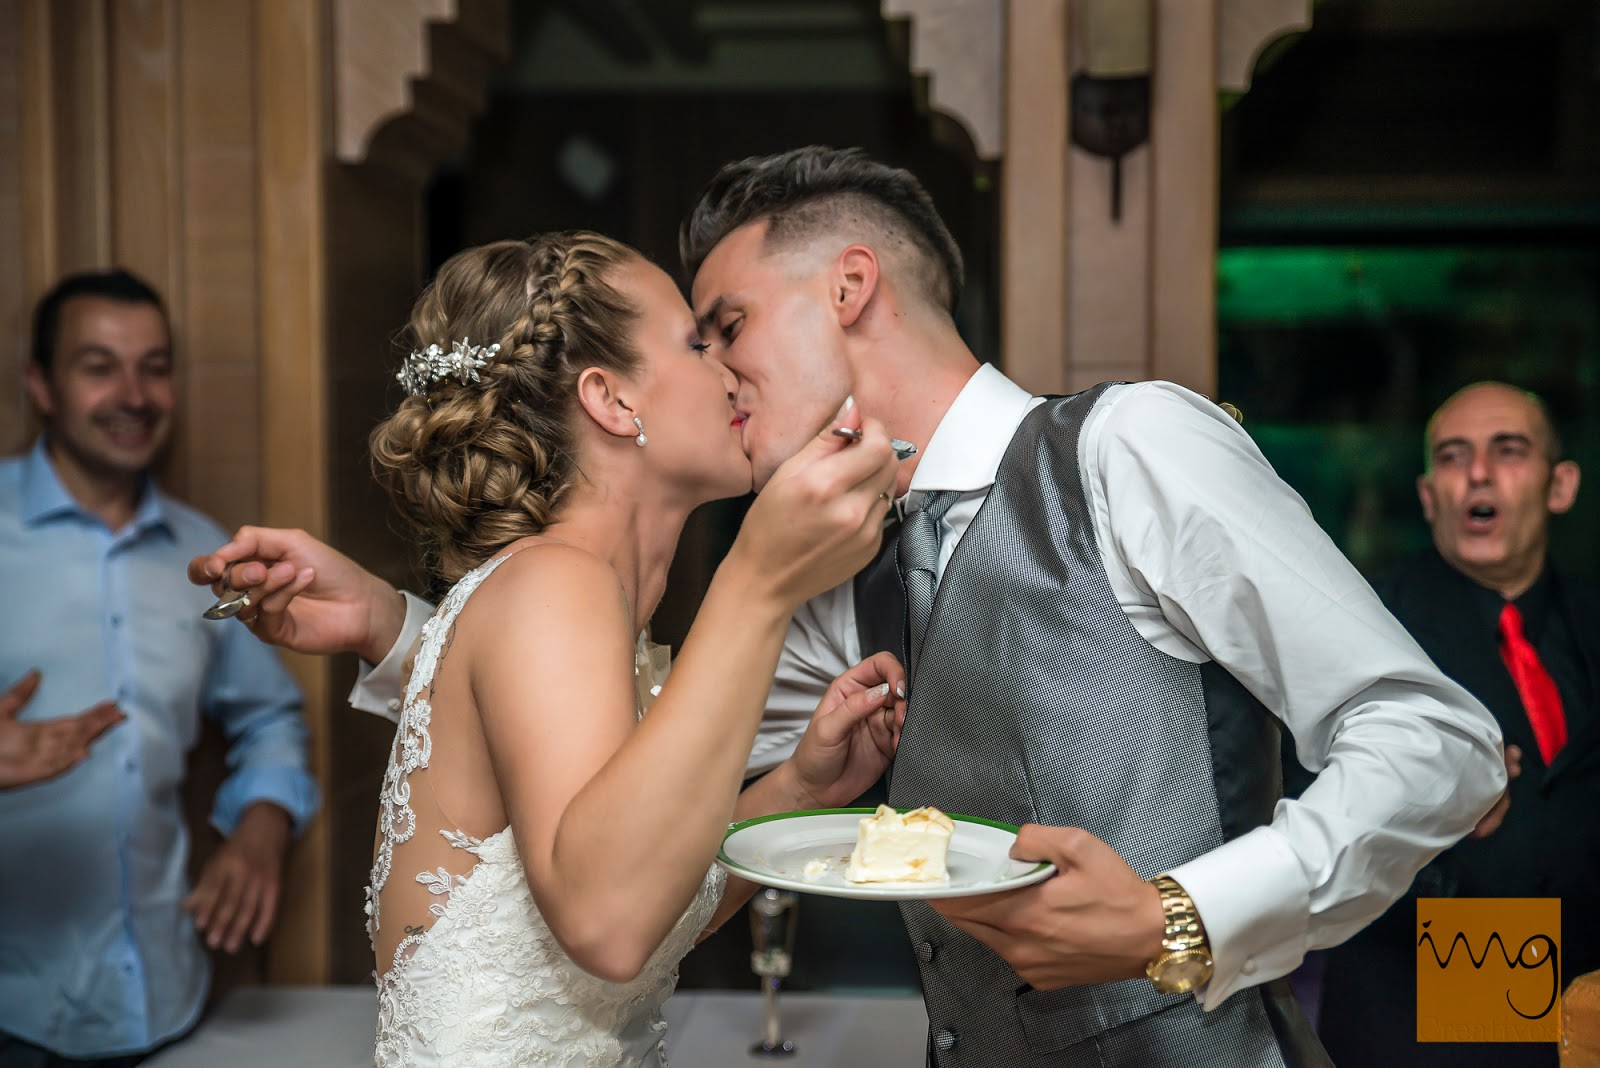 Fotografía de los novios dándose un beso en el momento del corte de la tarta.